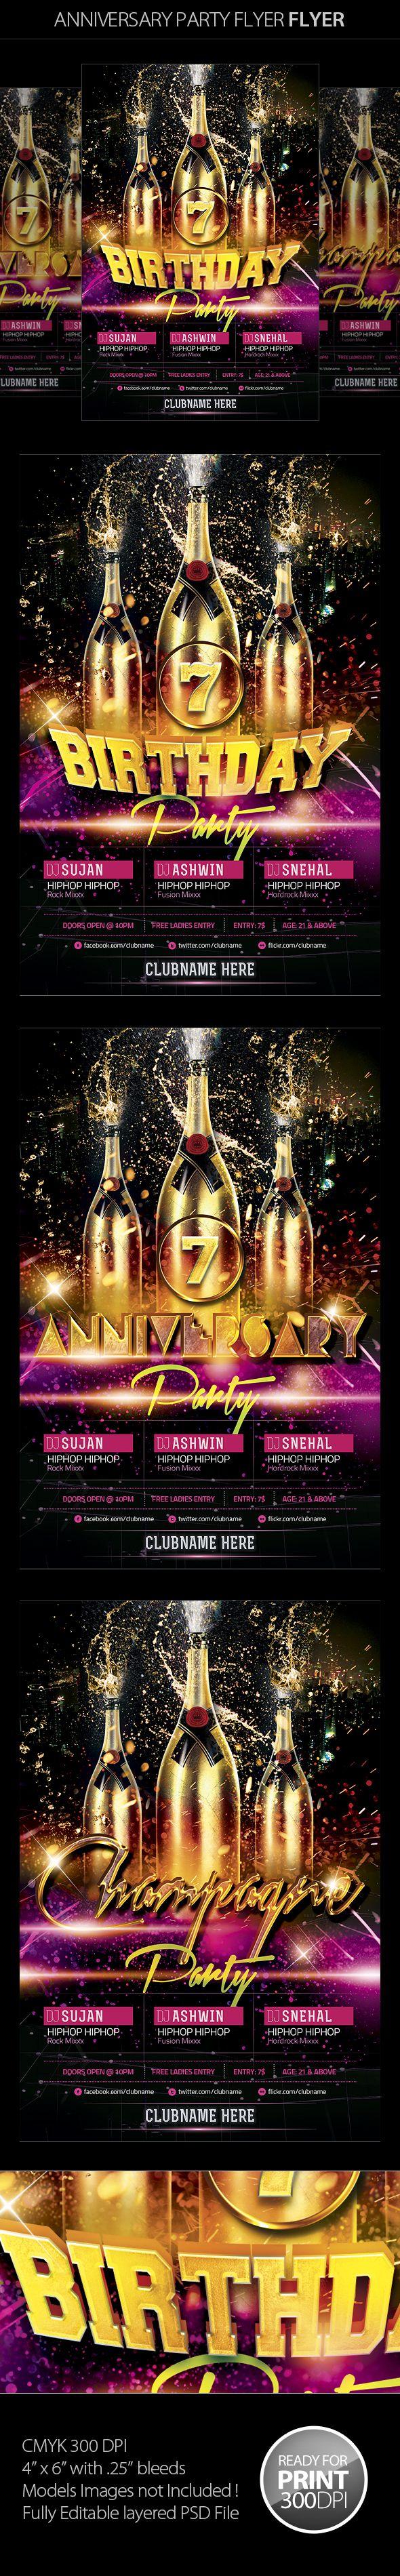 Anniversary Party Flyer by Mahantesh Nagashetty, via Behance